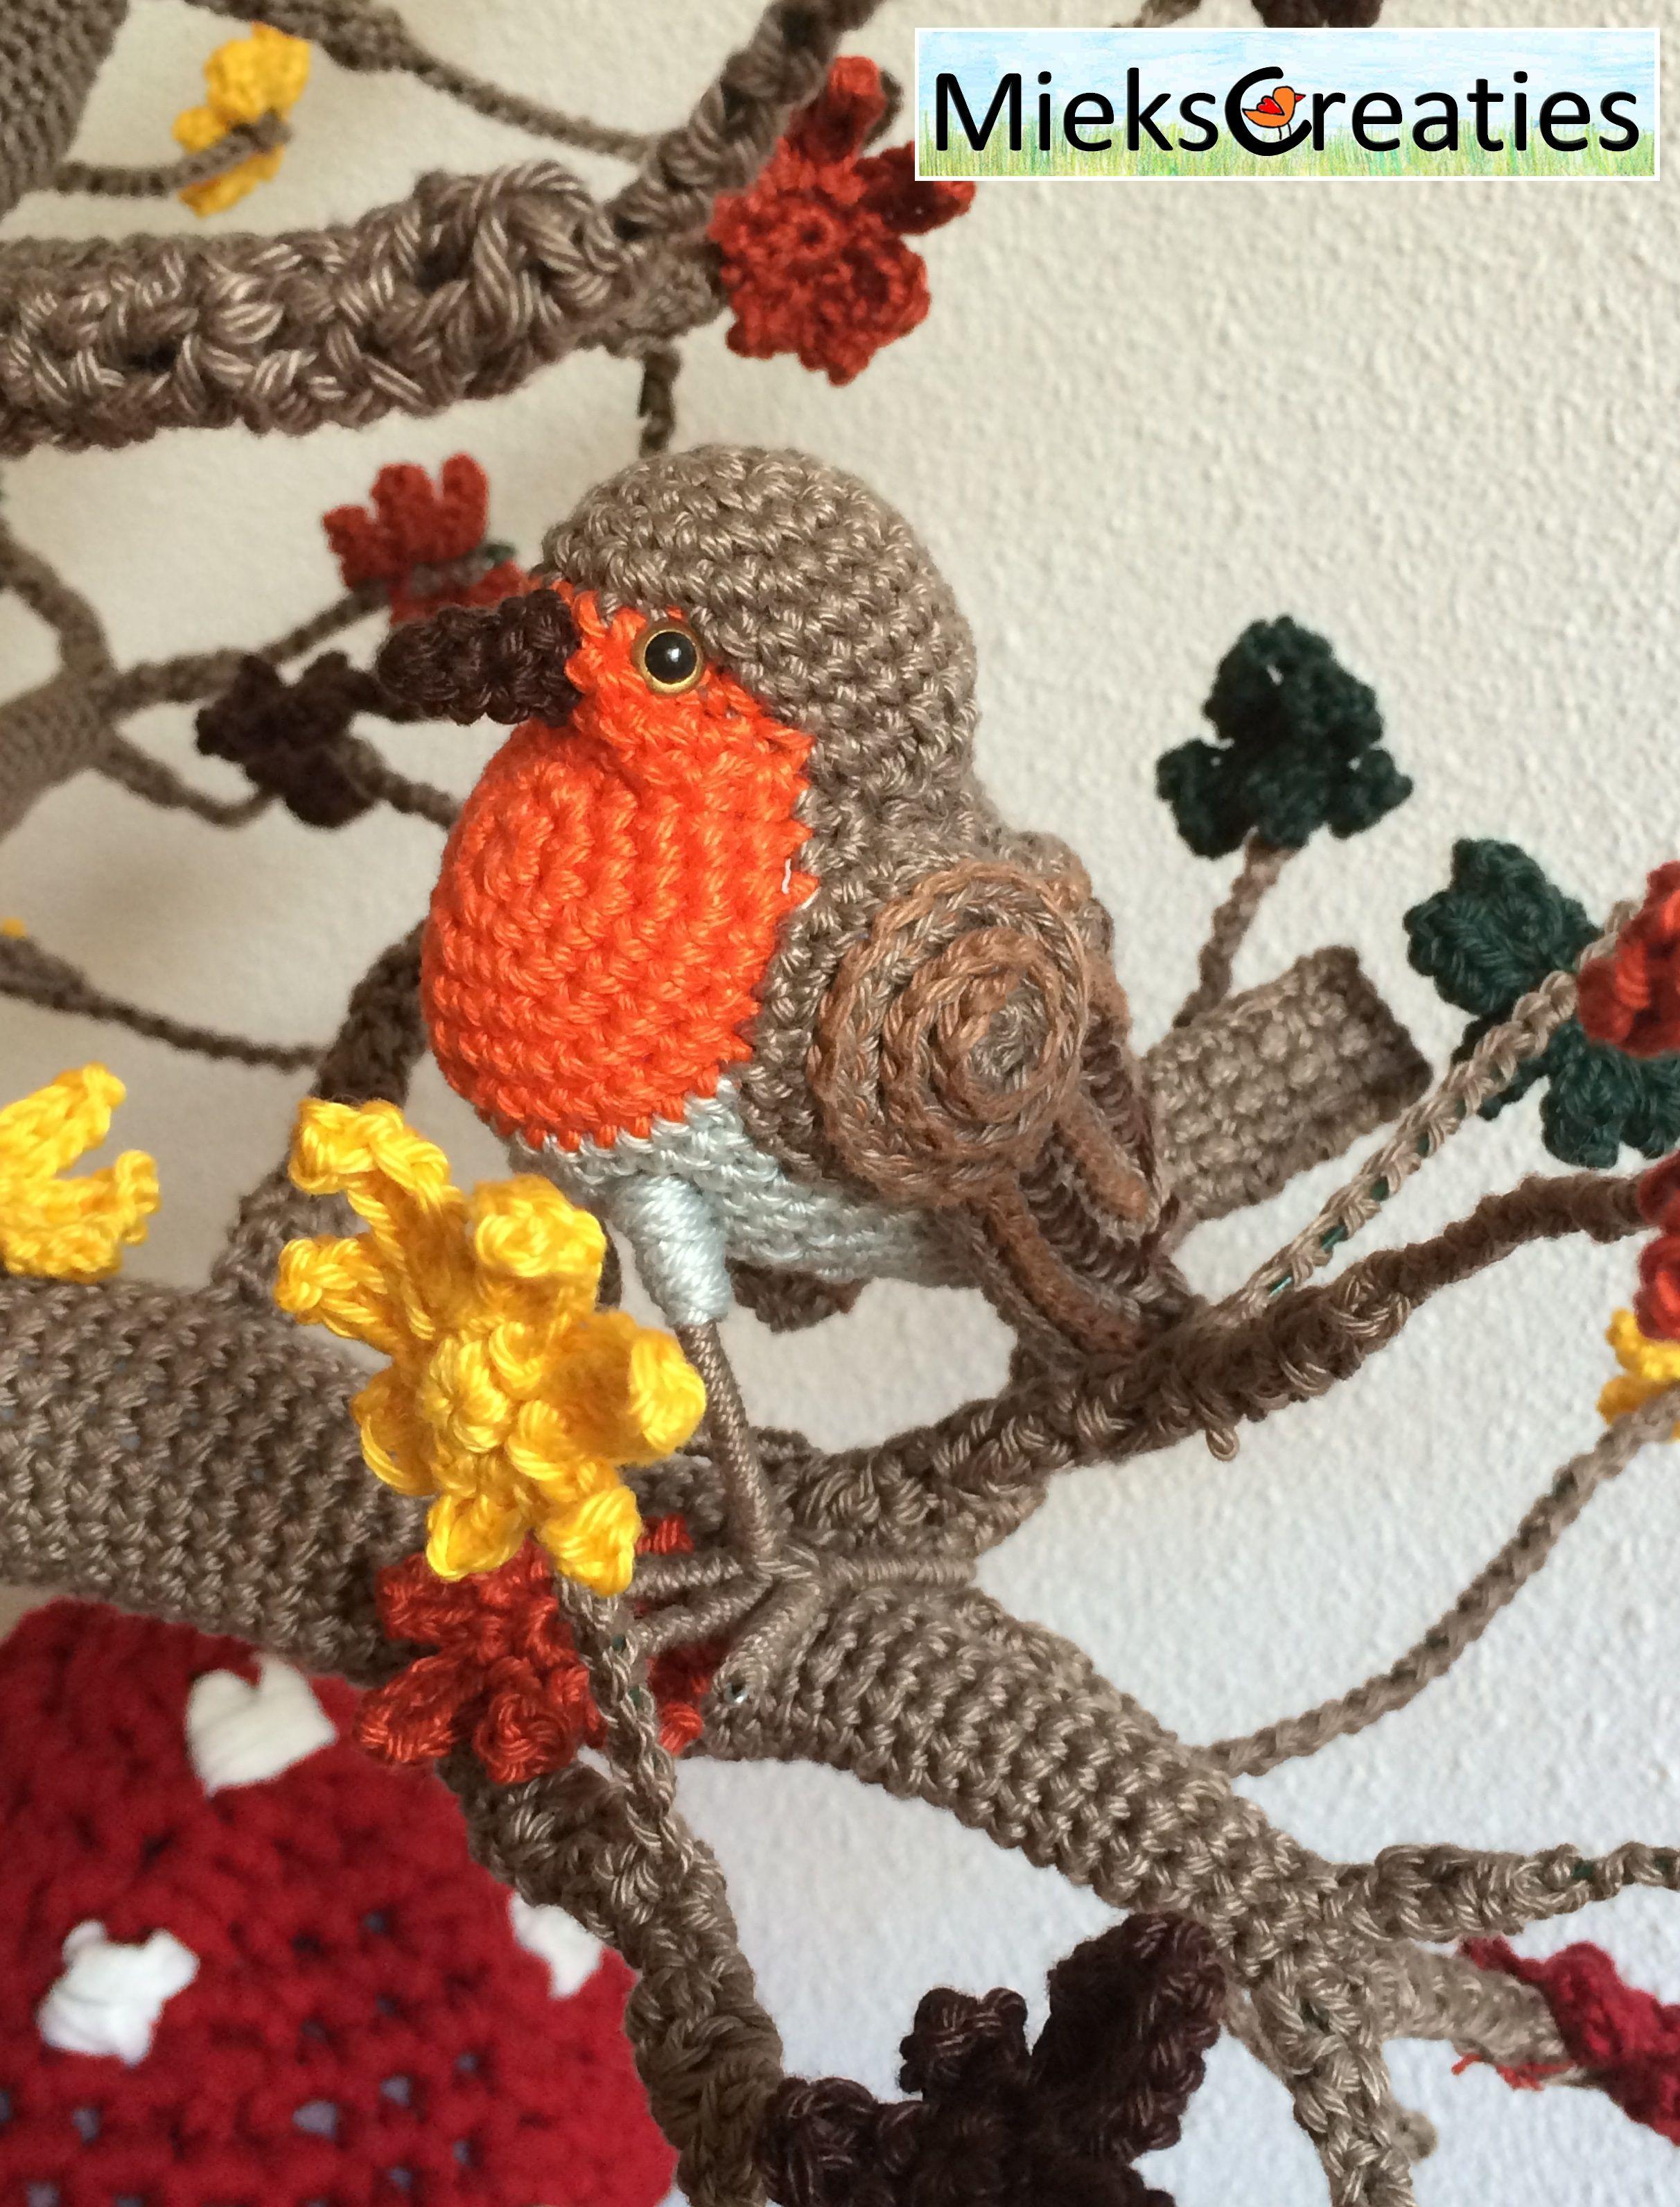 Robin, roodborstje, haakpatroon miekscreaties, vogeltje, vogel, bird